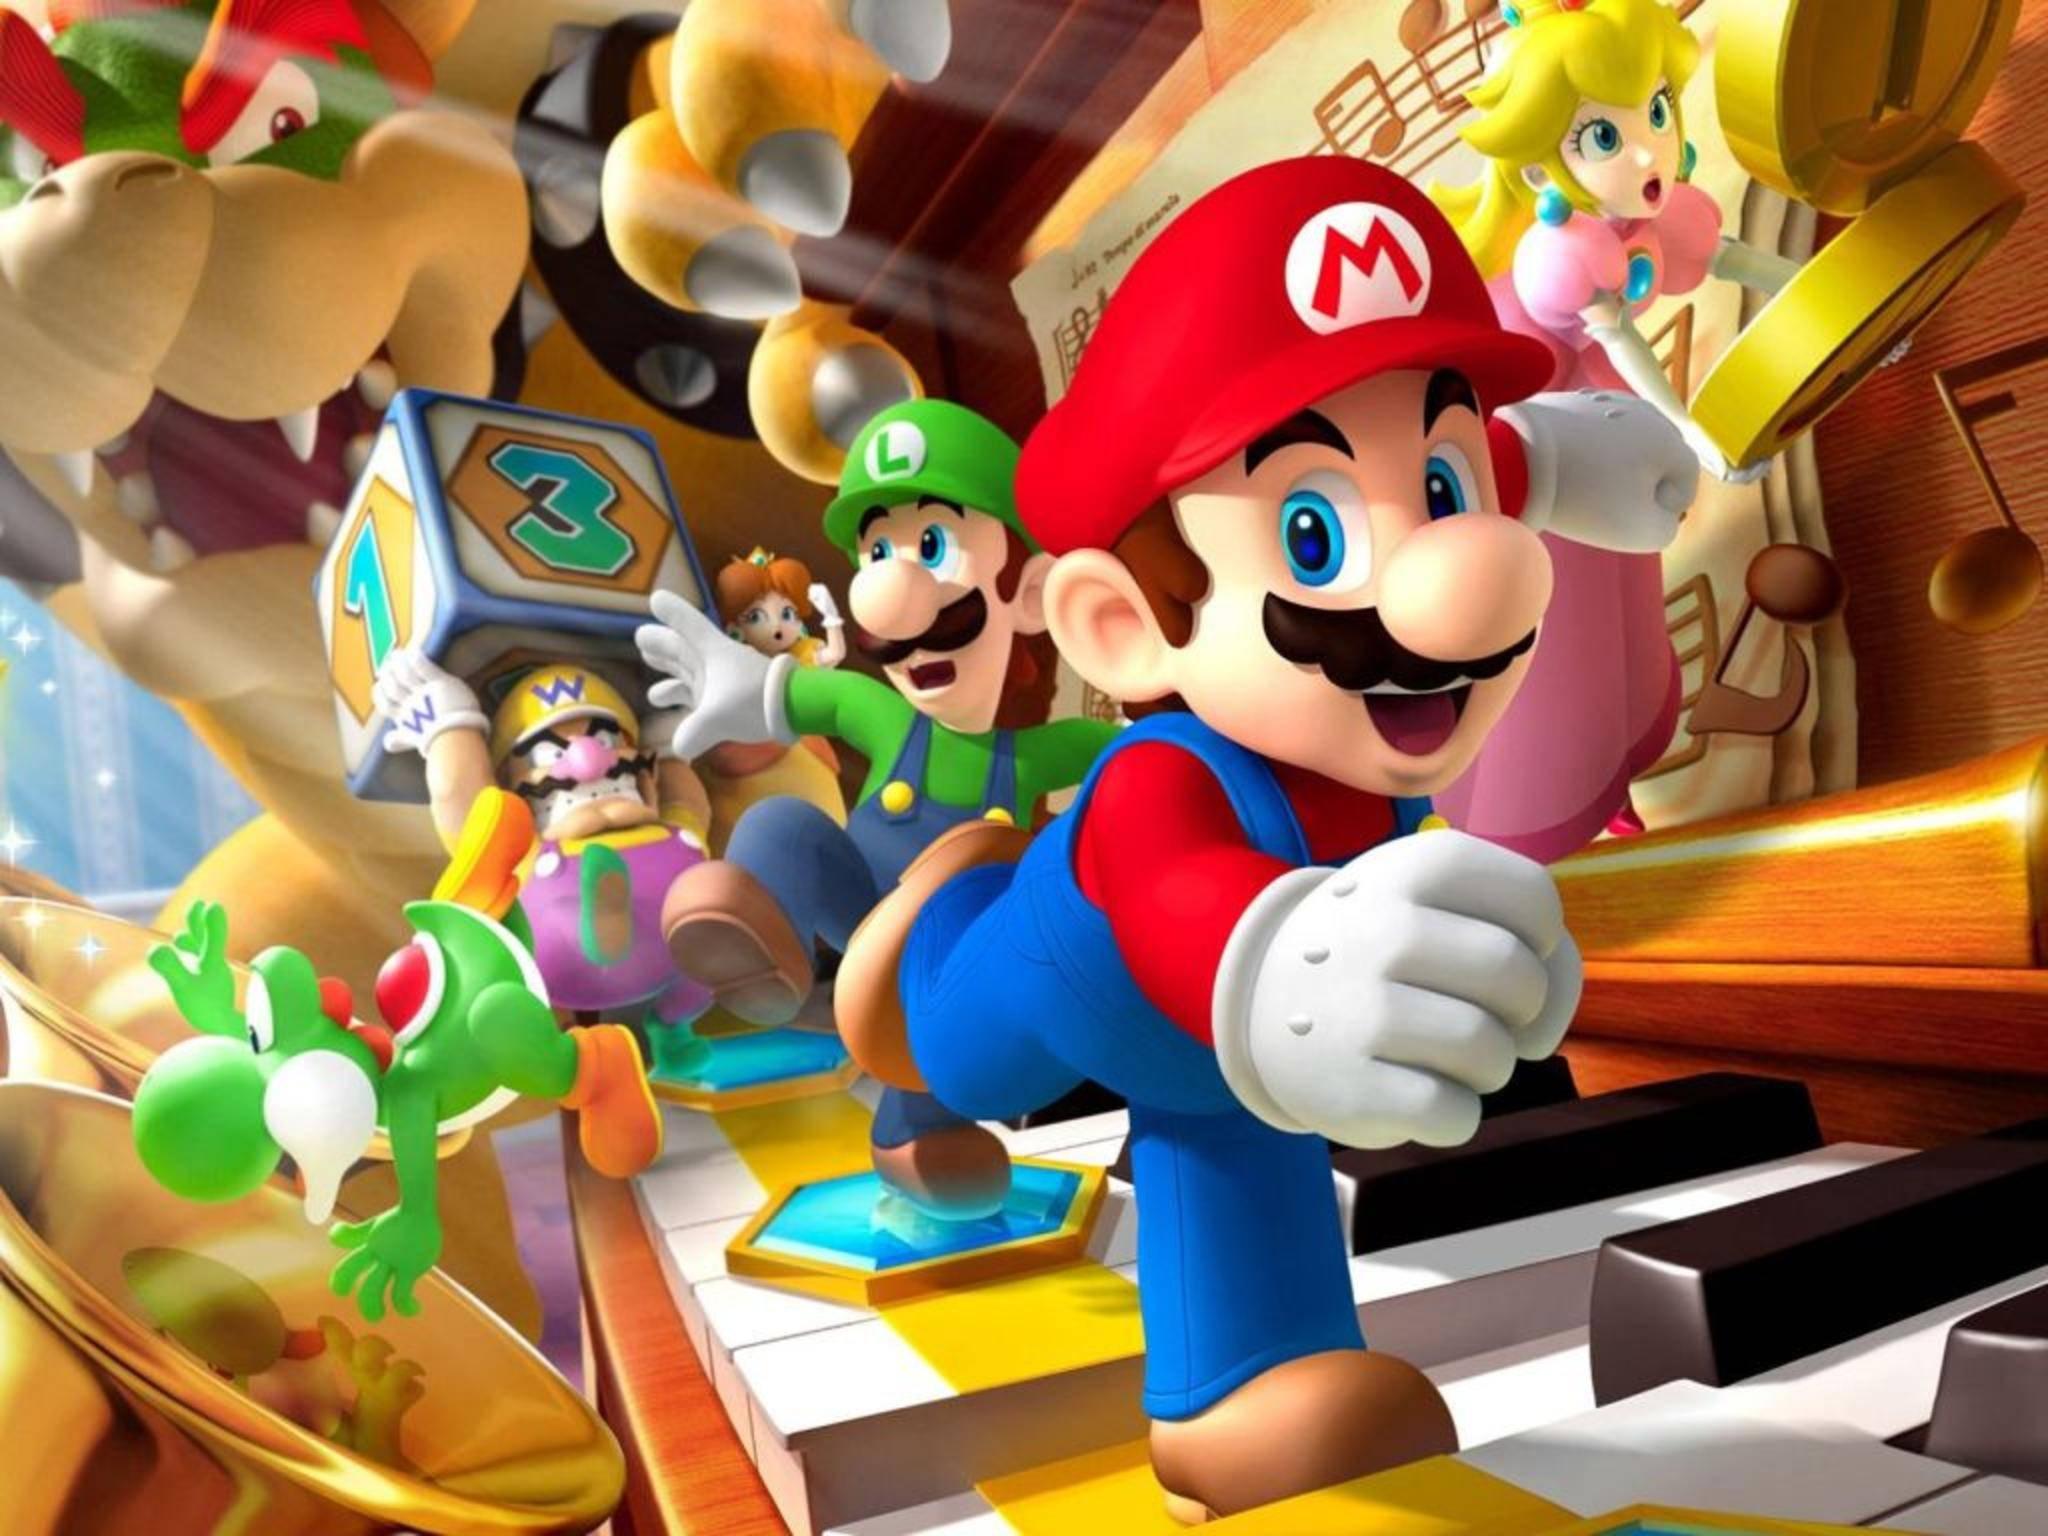 Das erste Smartphone-Spiel von Nintendo hat nichts mit Mario und Co. zu tun.